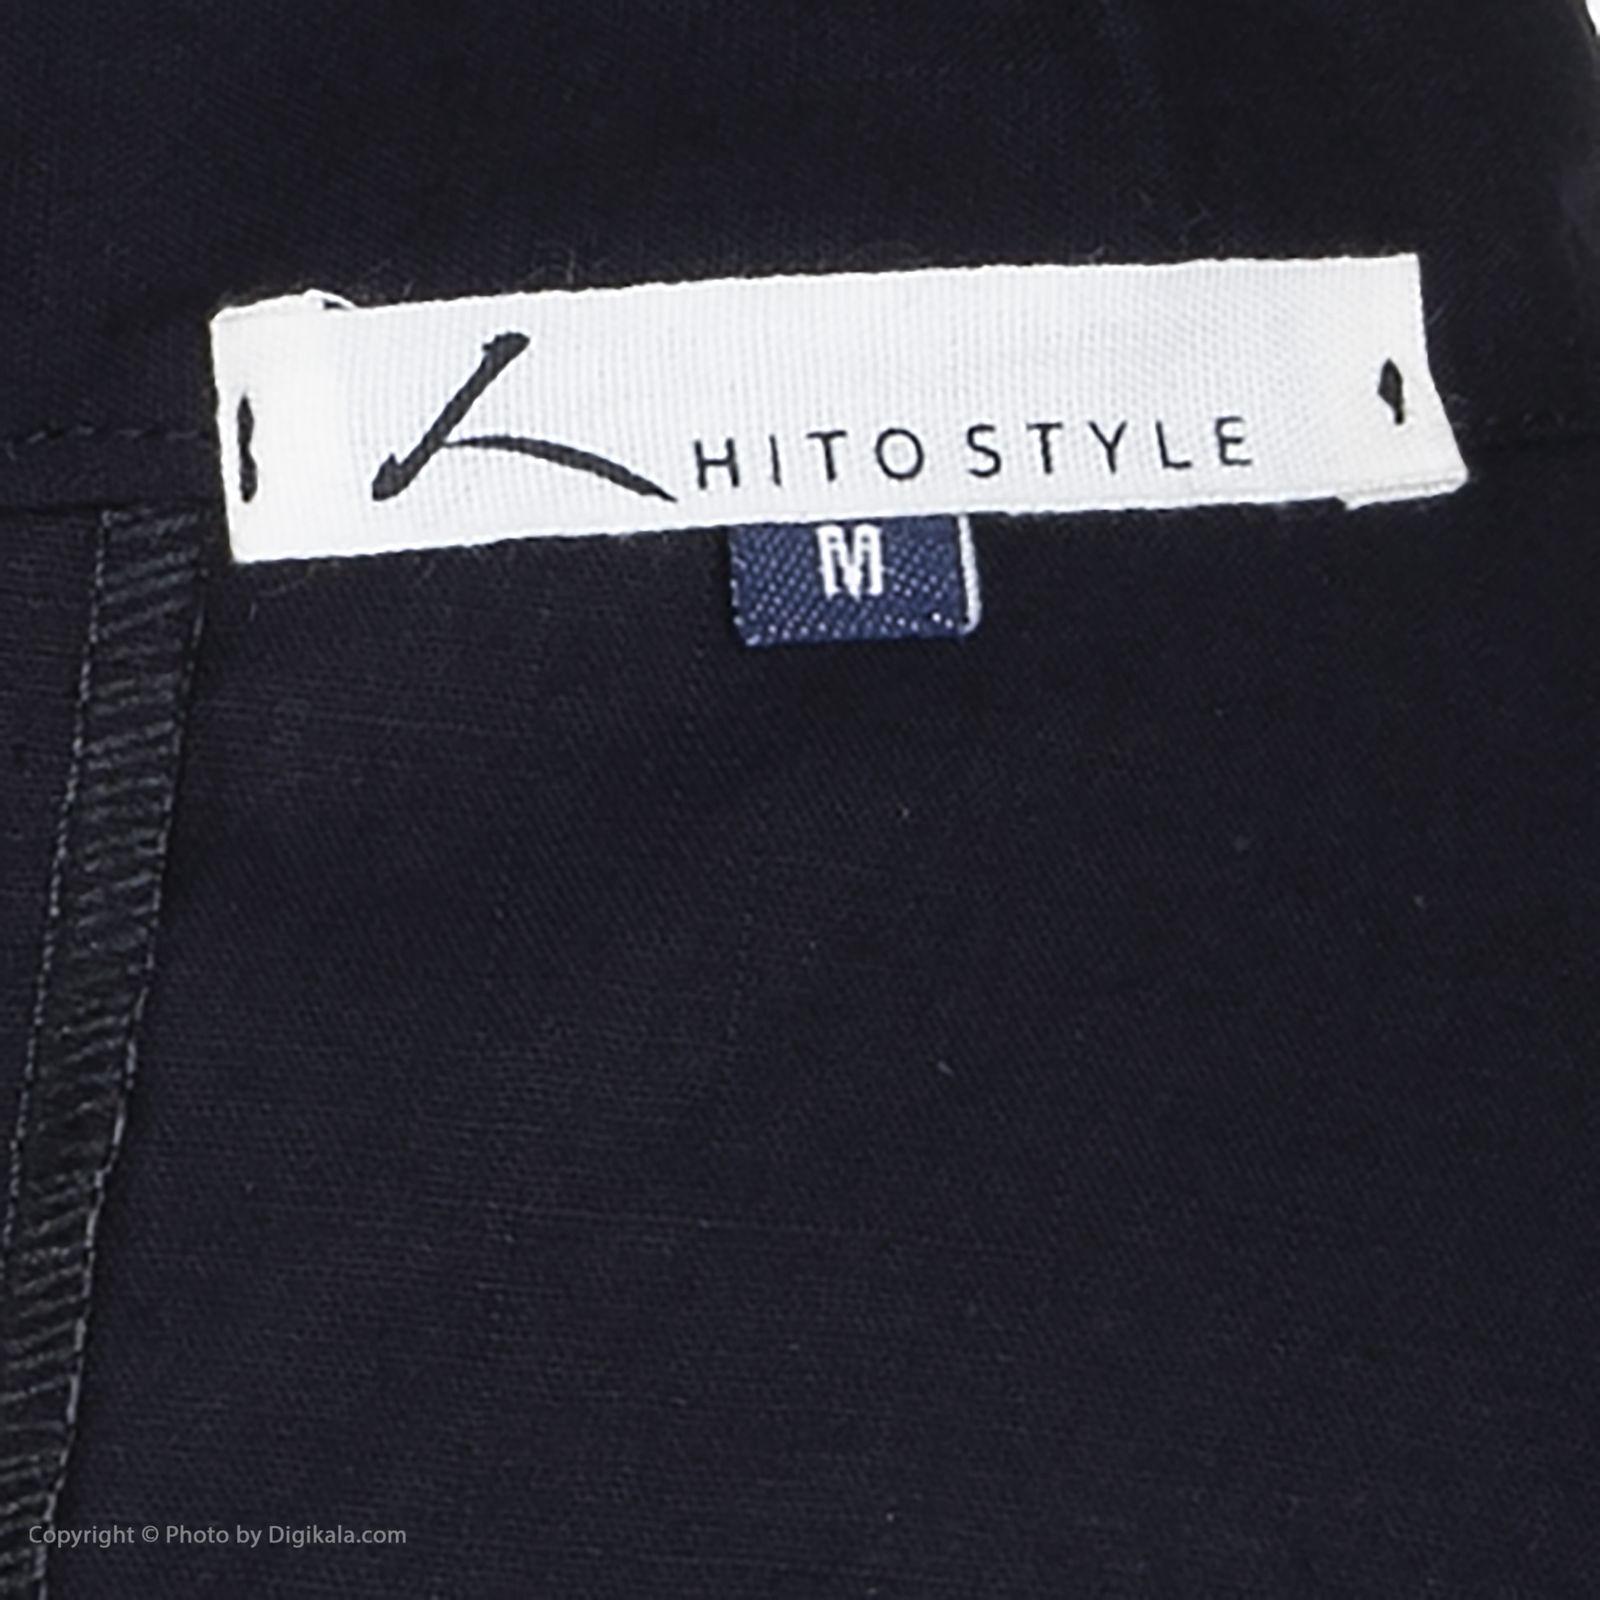 پیراهن آستین بلند مردانه هیتو استایل مدل D127F270 -  - 4